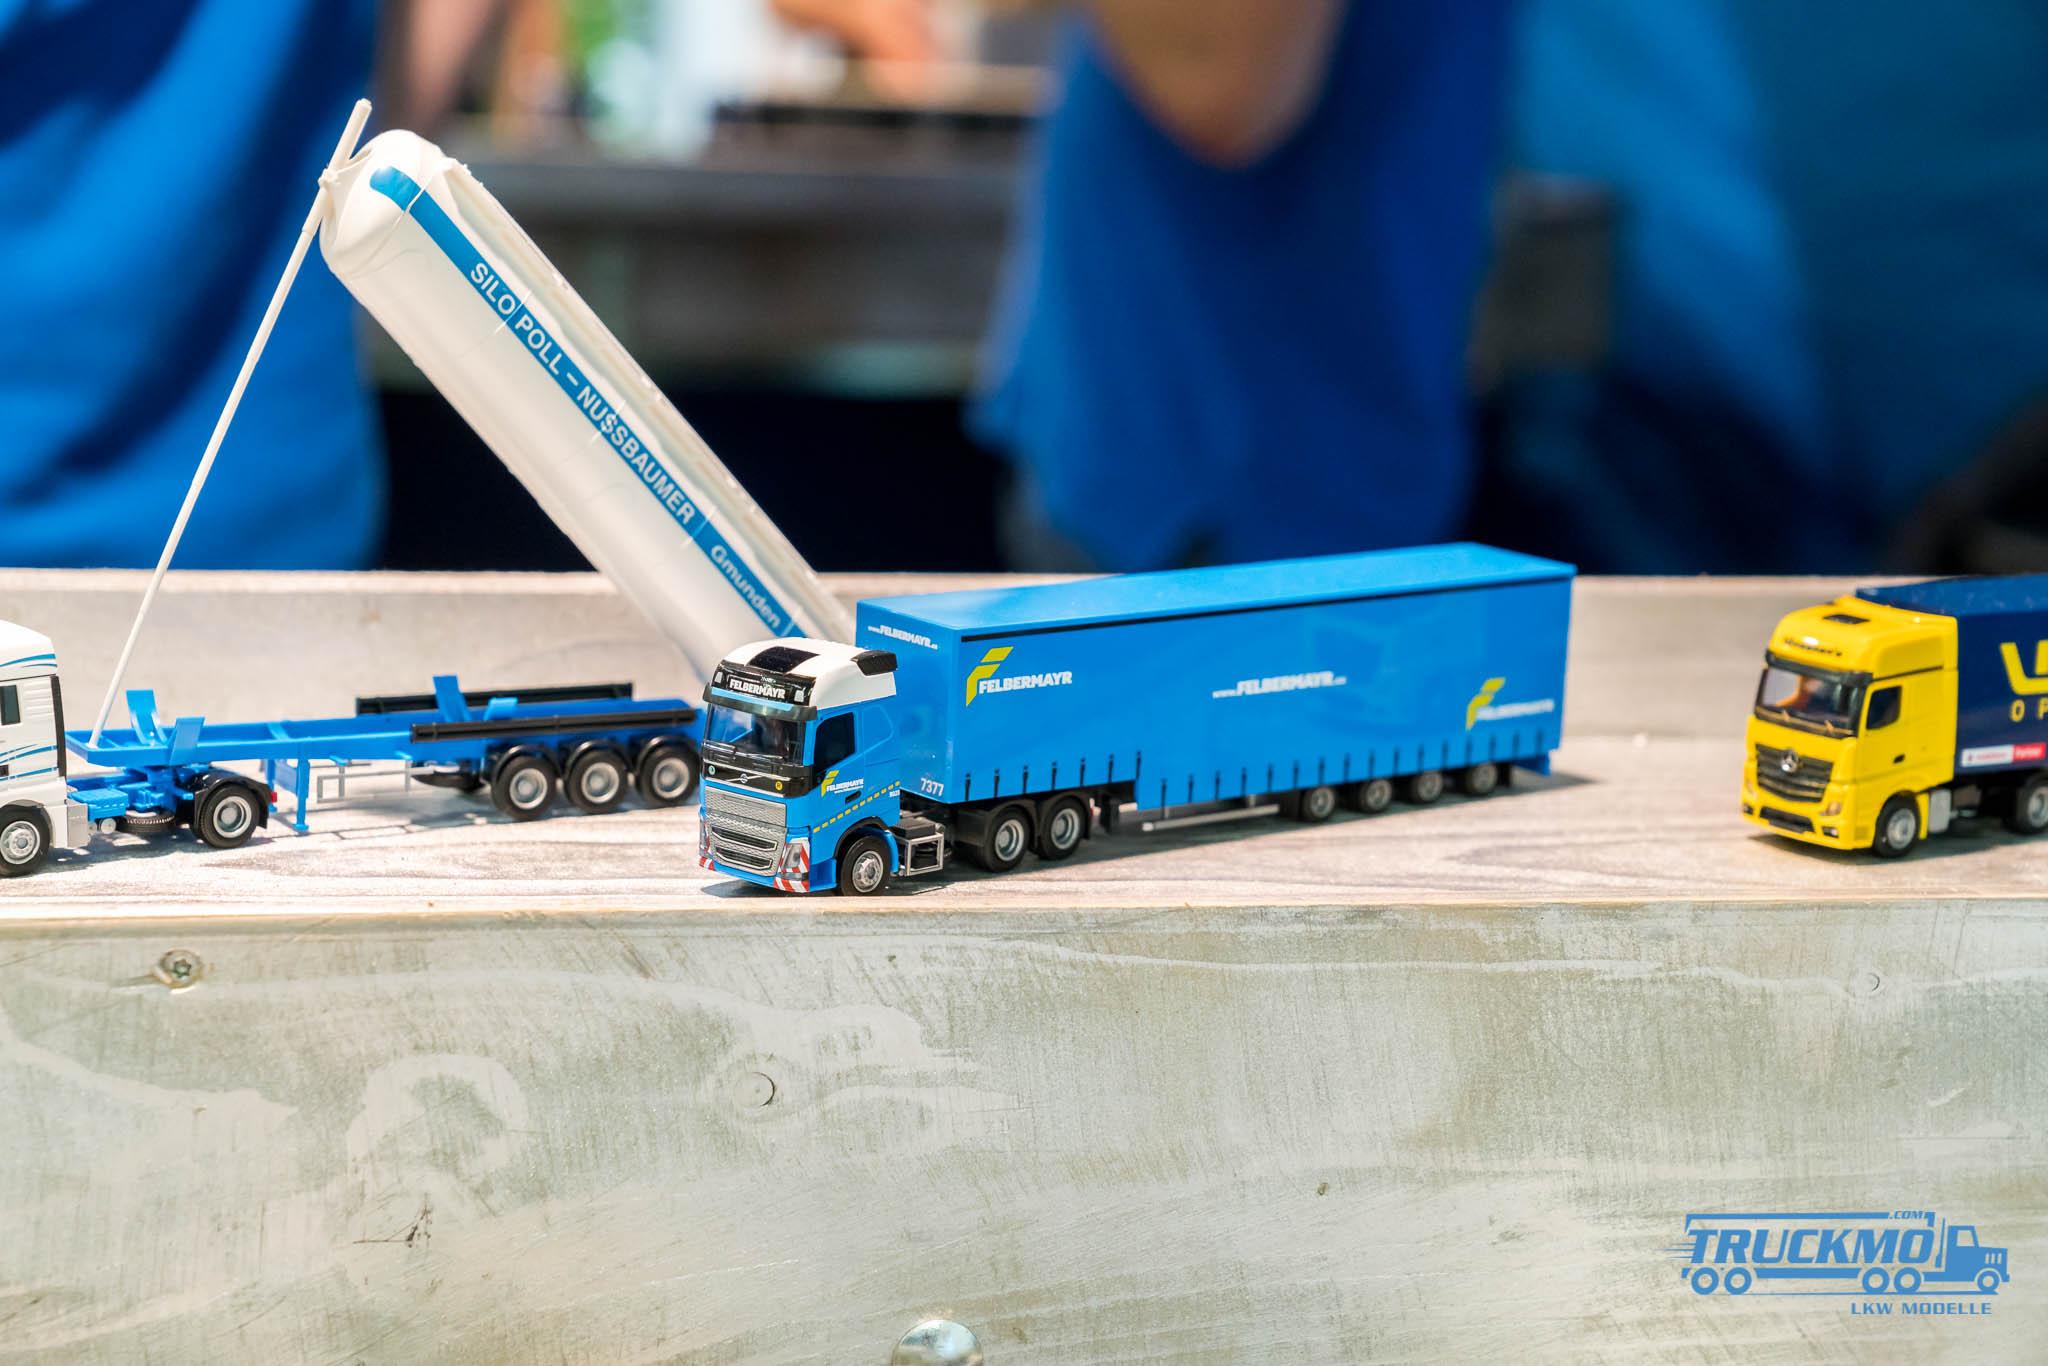 Truckmo_Modellbau_Ried_2017_Herpa_Messe_Modellbauausstellung (88 von 1177)